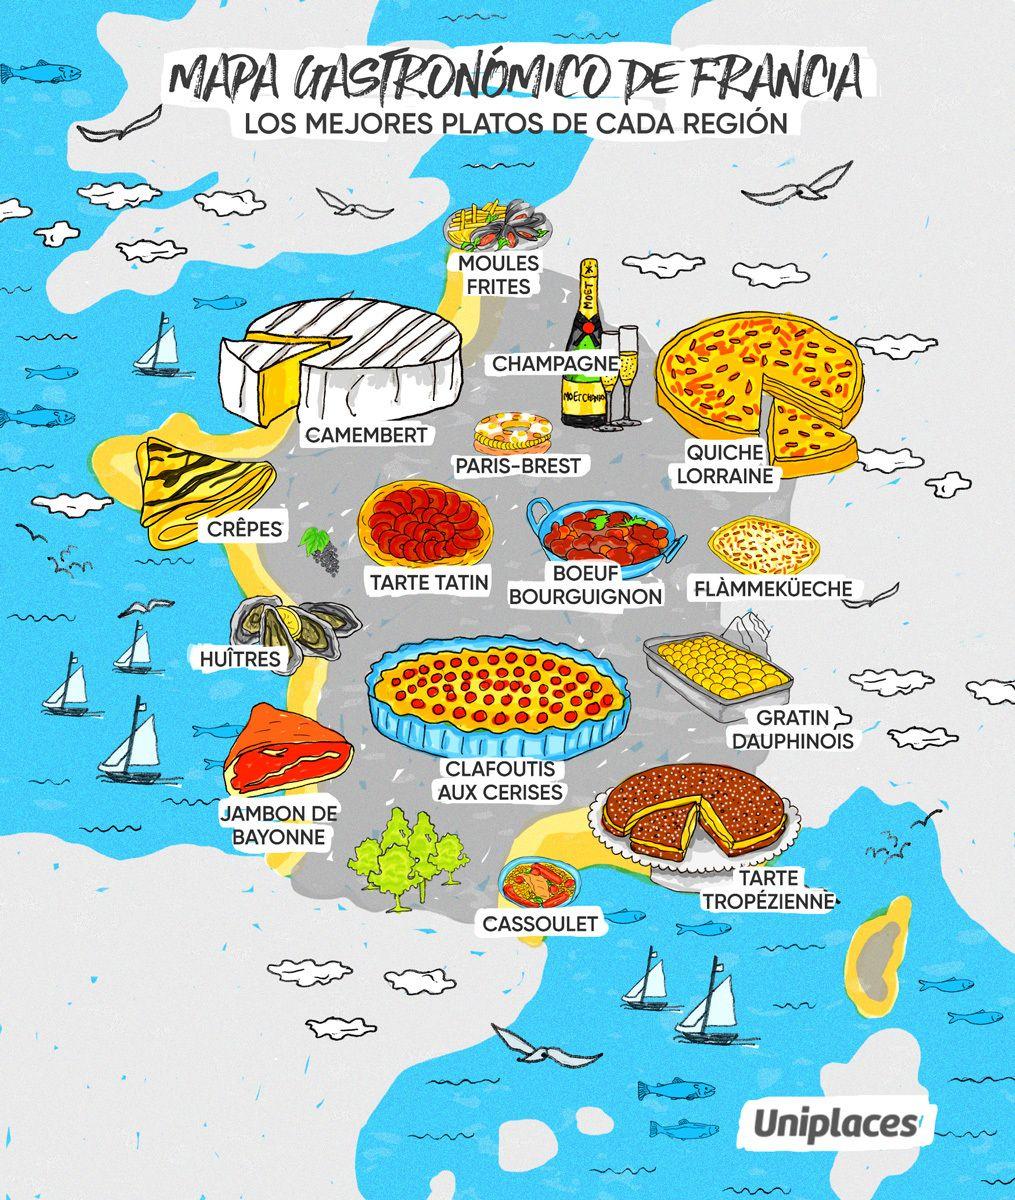 Donde Fueres Come Lo Típico Seis Mapas Gastronómicos De Europa Comida Tipica De Francia Francia Comida Gastronomía Francesa